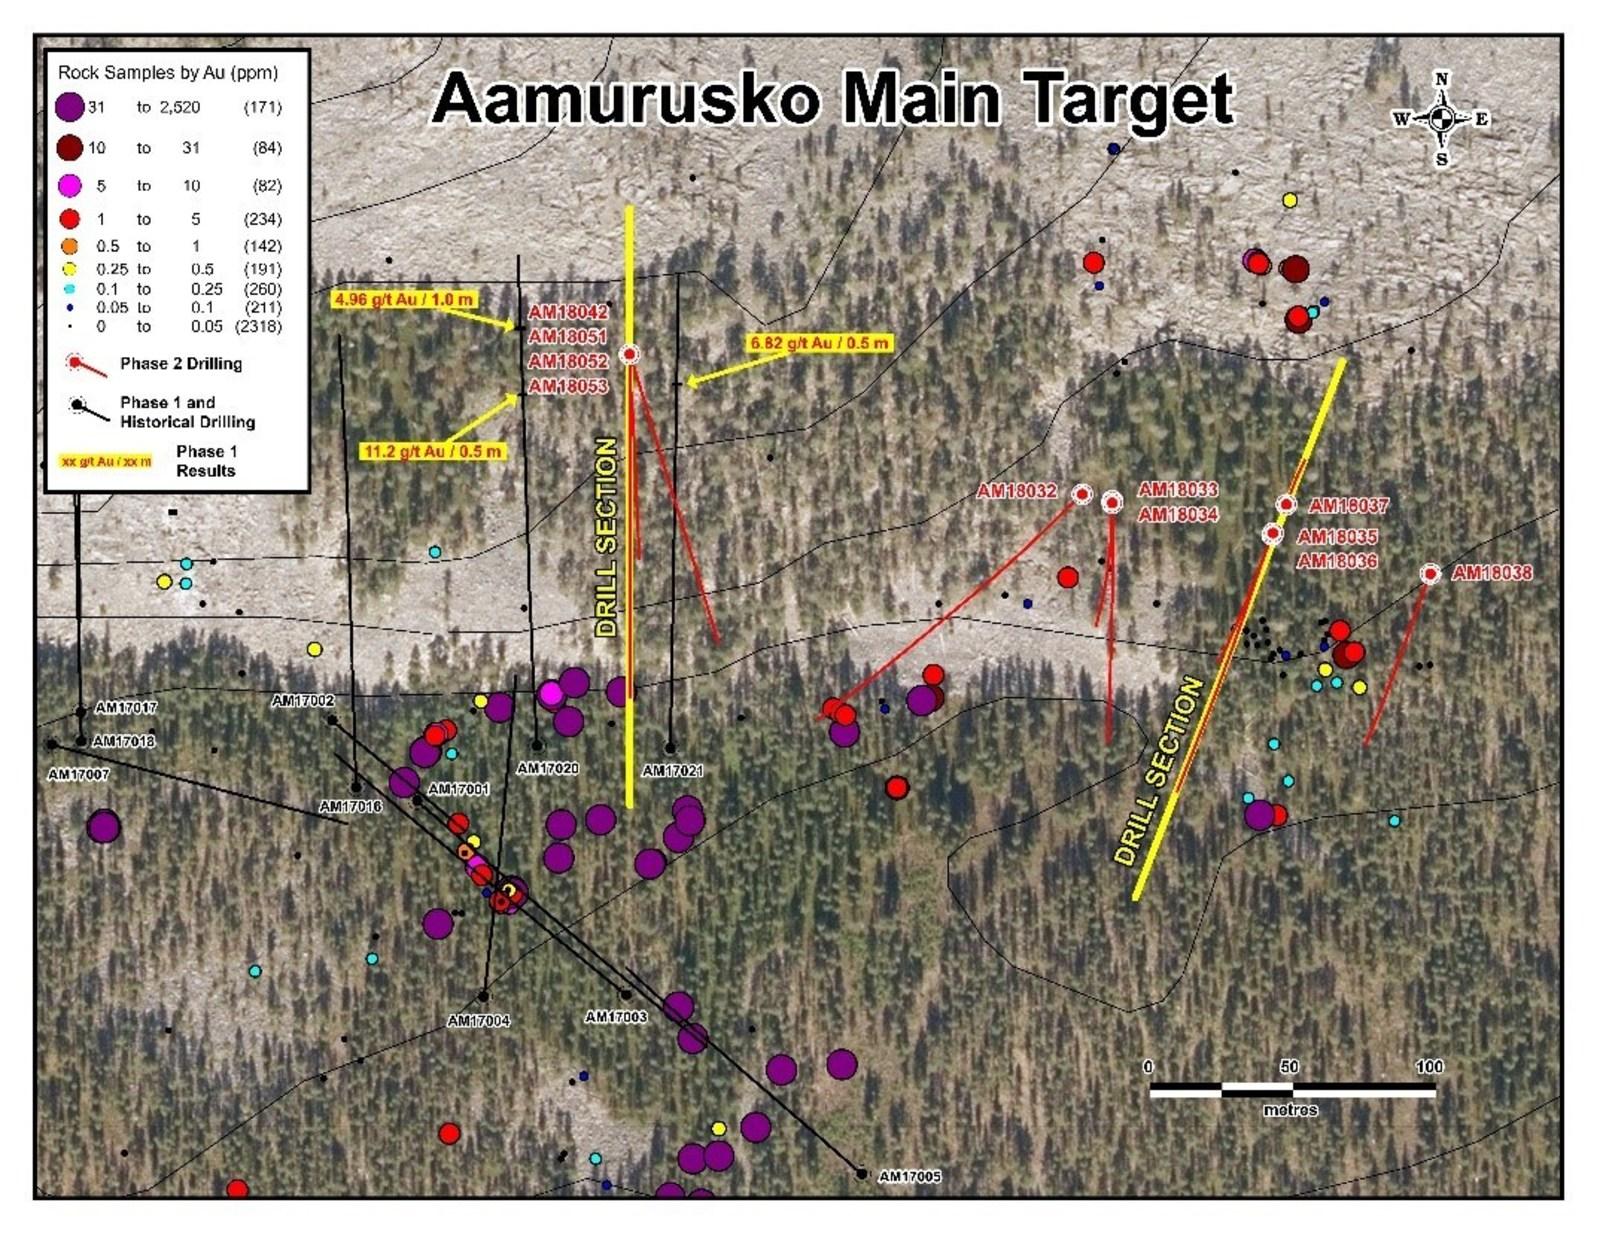 Aamurusko Main Target